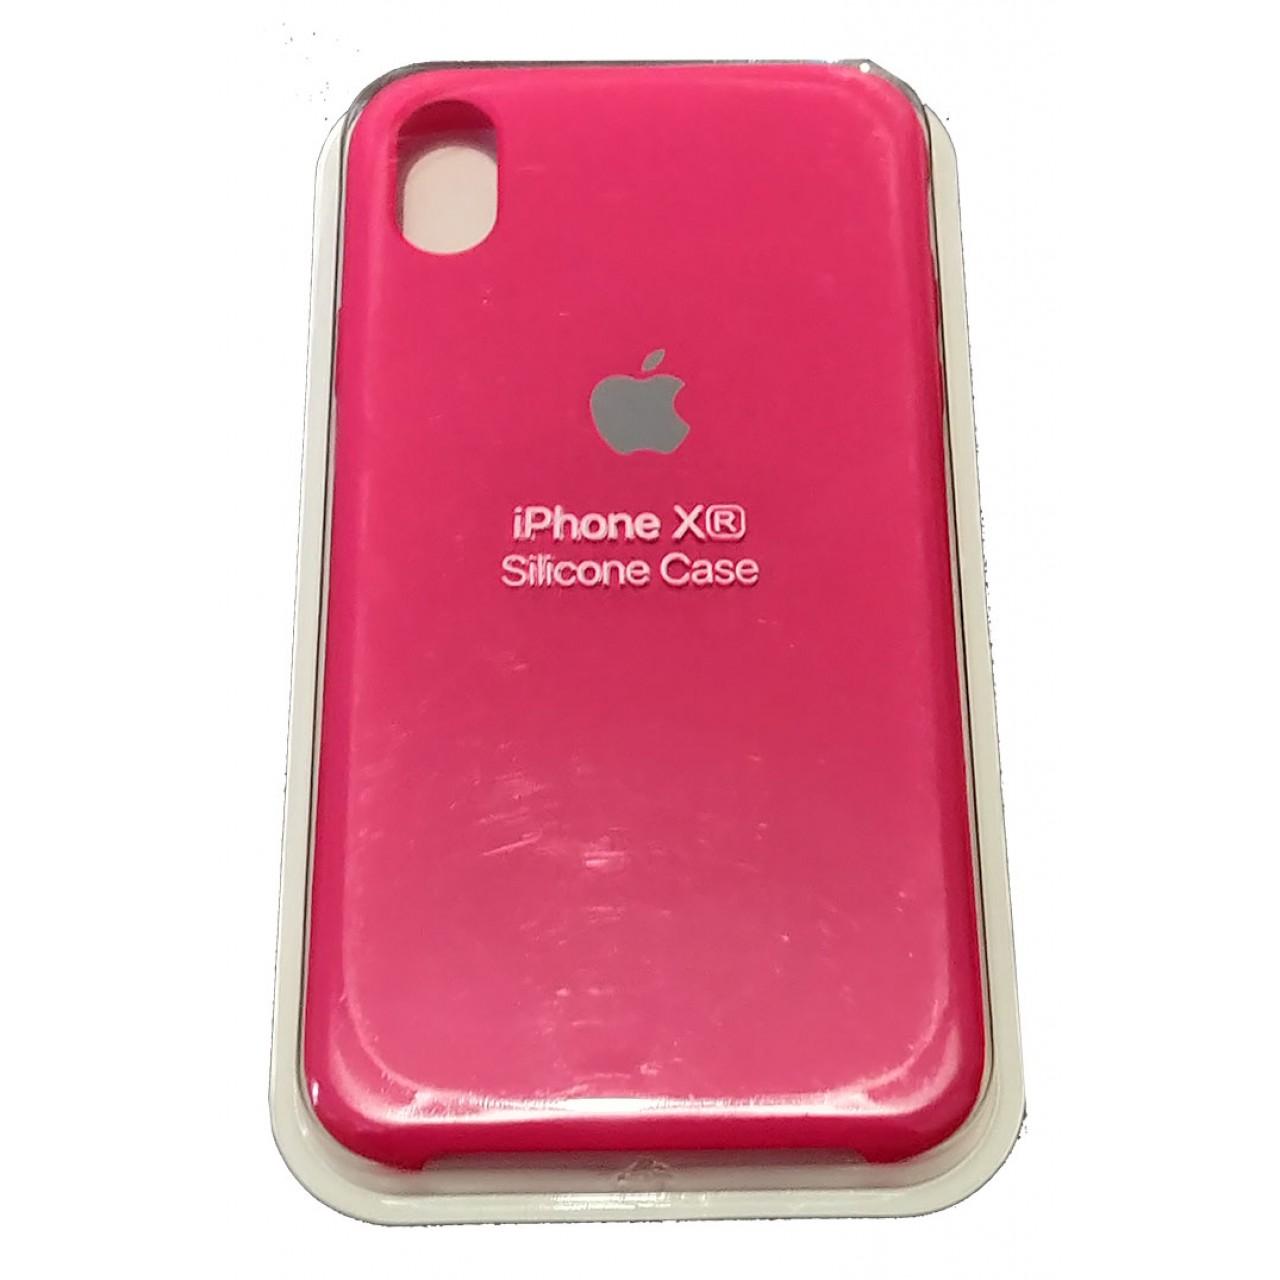 ΘΗΚΗ ΠΡΟΣΤΑΣΙΑΣ ΣΙΛΙΚΟΝΗΣ ΓΙΑ iPhone XR ΦΟΥΞΙΑ - BACK COVER SILICON CASE FUCHSIA - OEM